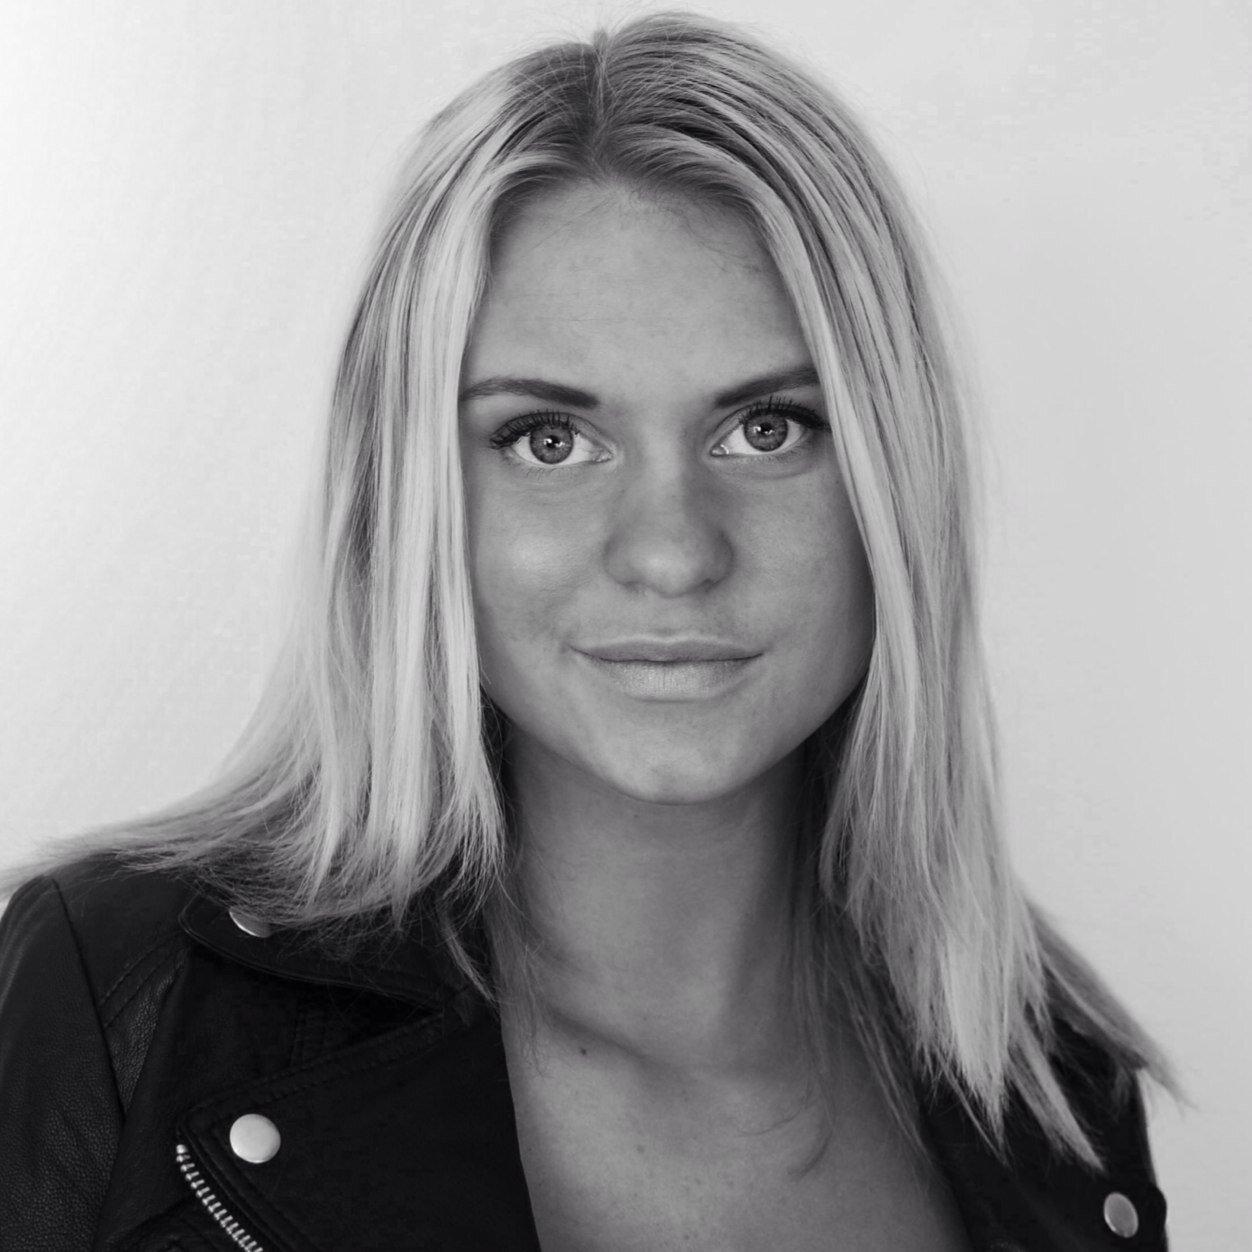 Josefin Ljungman Nude Photos 55